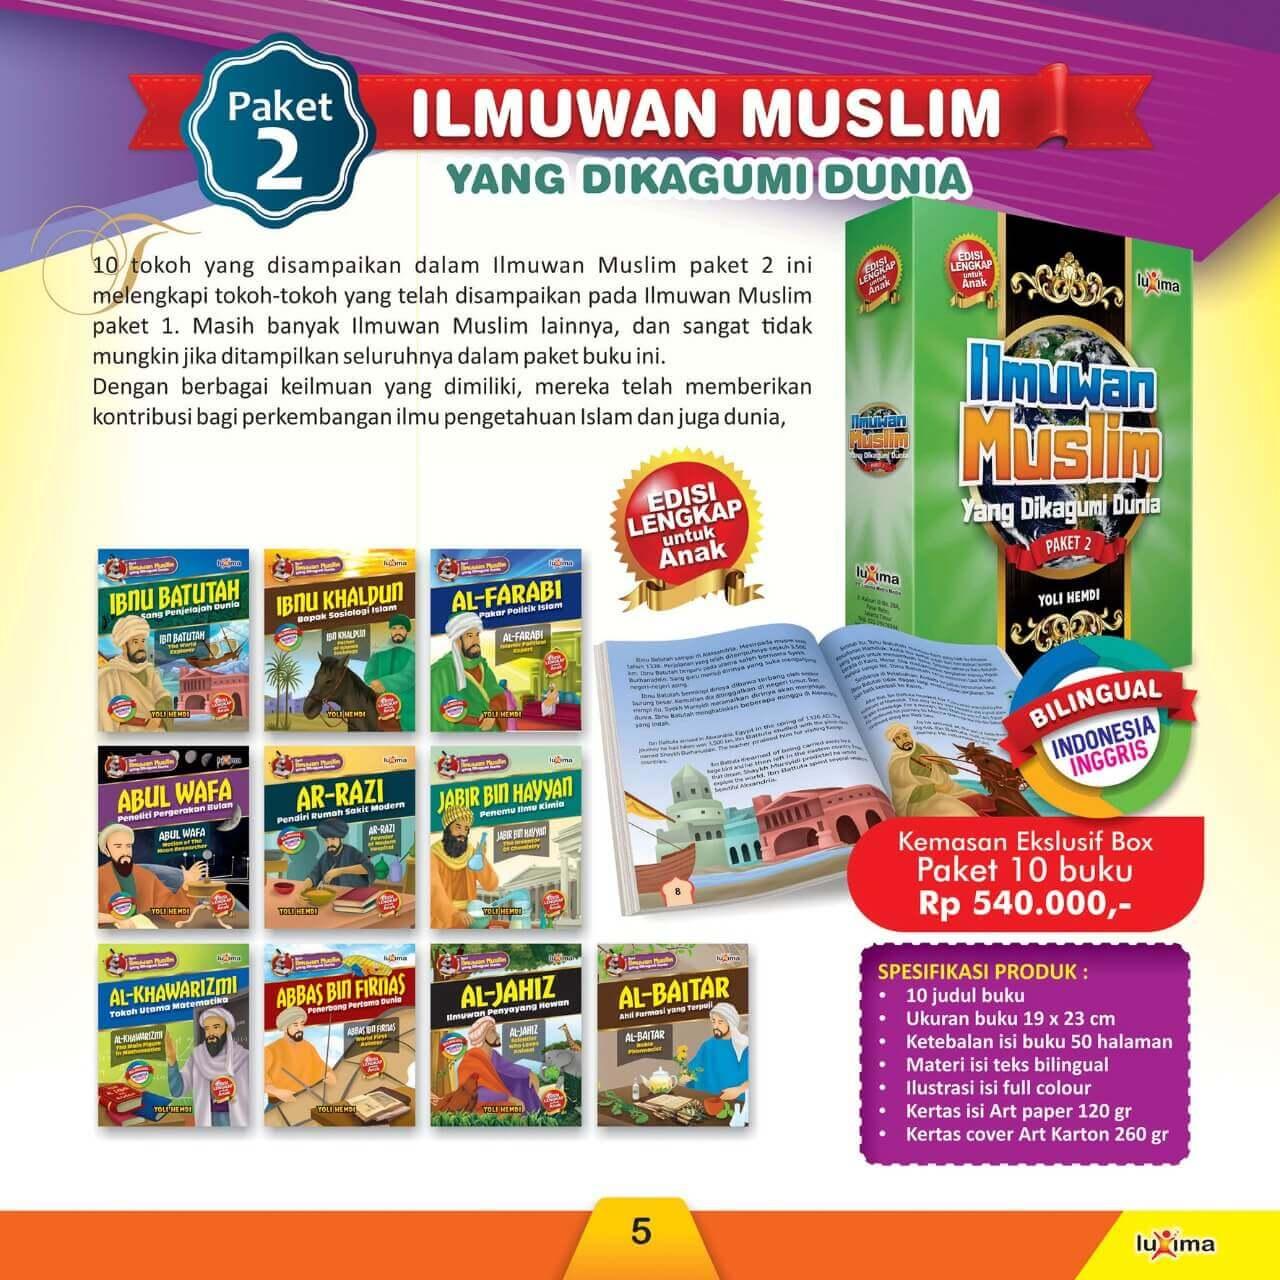 Jual Buku Paket 2 Ilmuwan Muslim yang Dikagumi Dunia